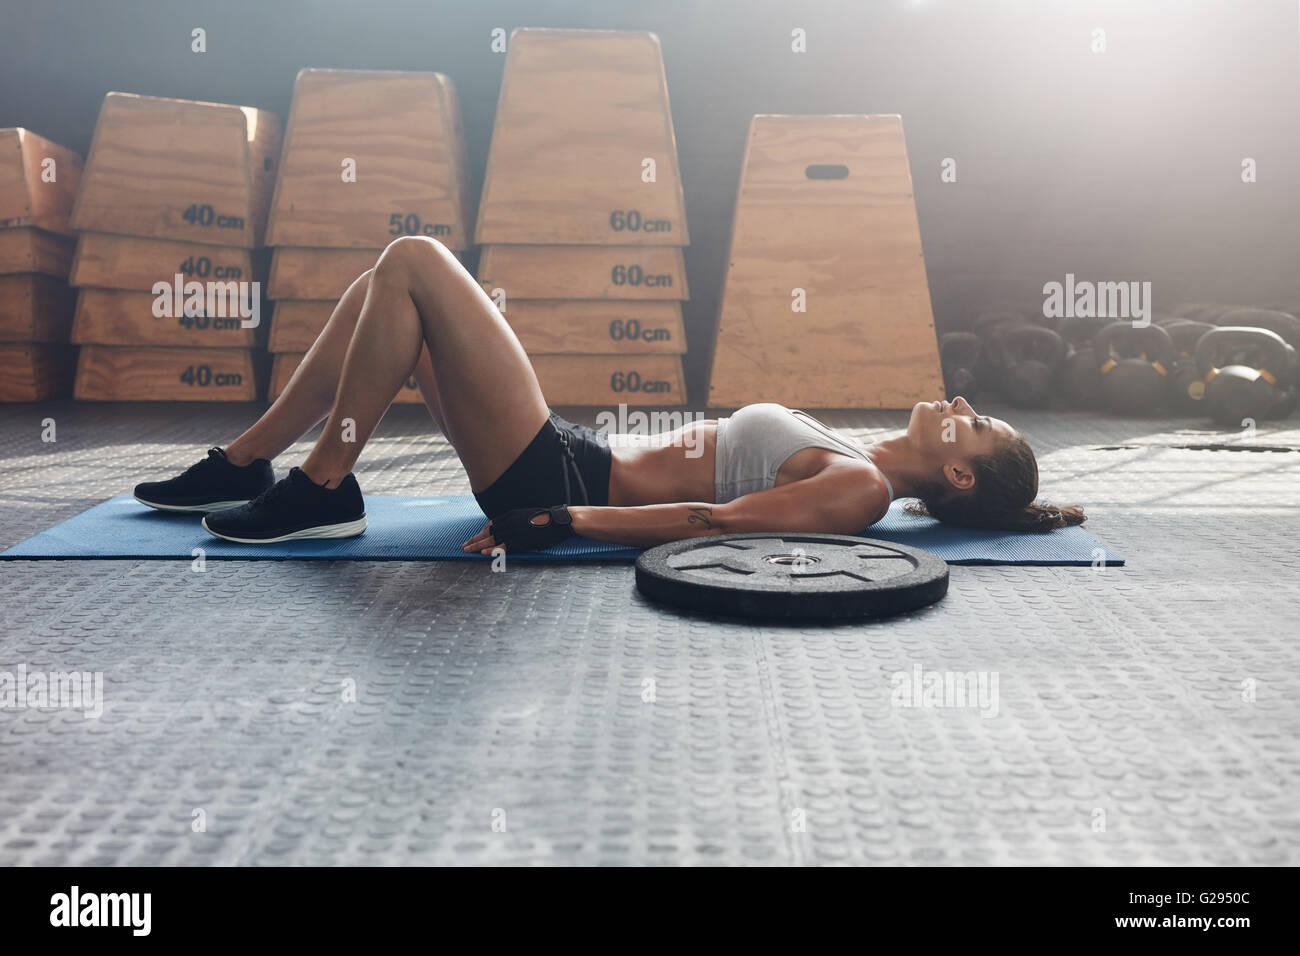 Vue de côté tourné d'aptitude woman on exercise mat avec un poids lourd sur la plaque de marbre. Photo Stock